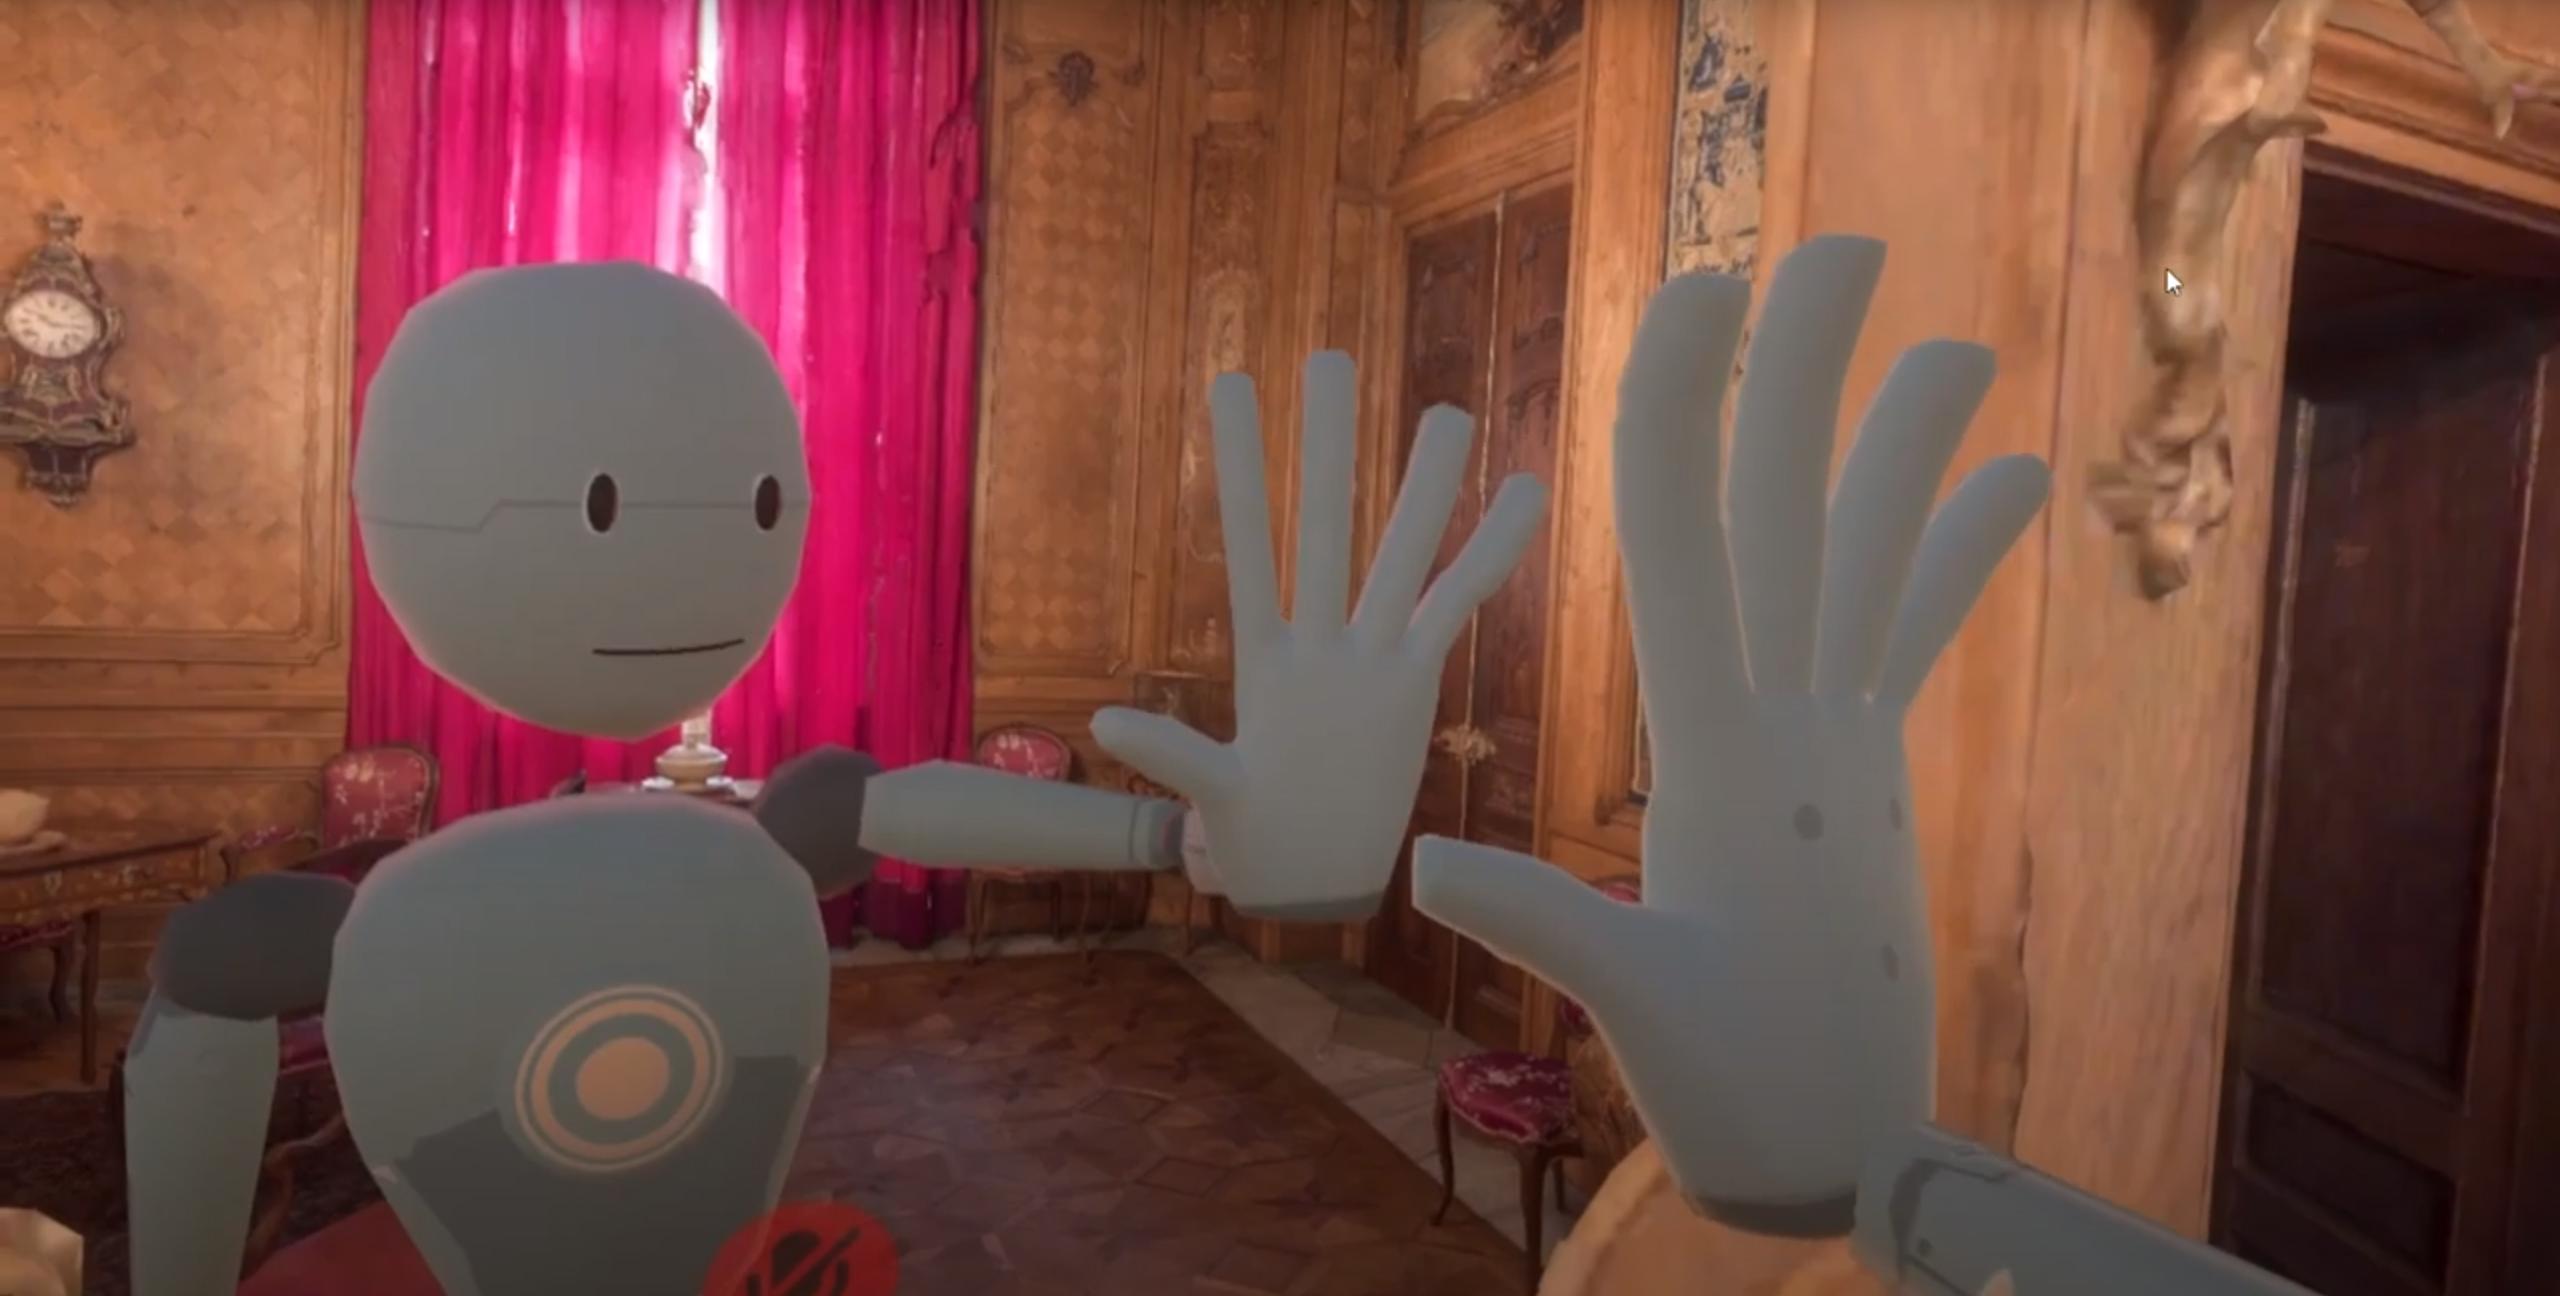 Fragment wirtualnej rzeczywistości. Postać robota dotyka swojego odbicia w lustrze